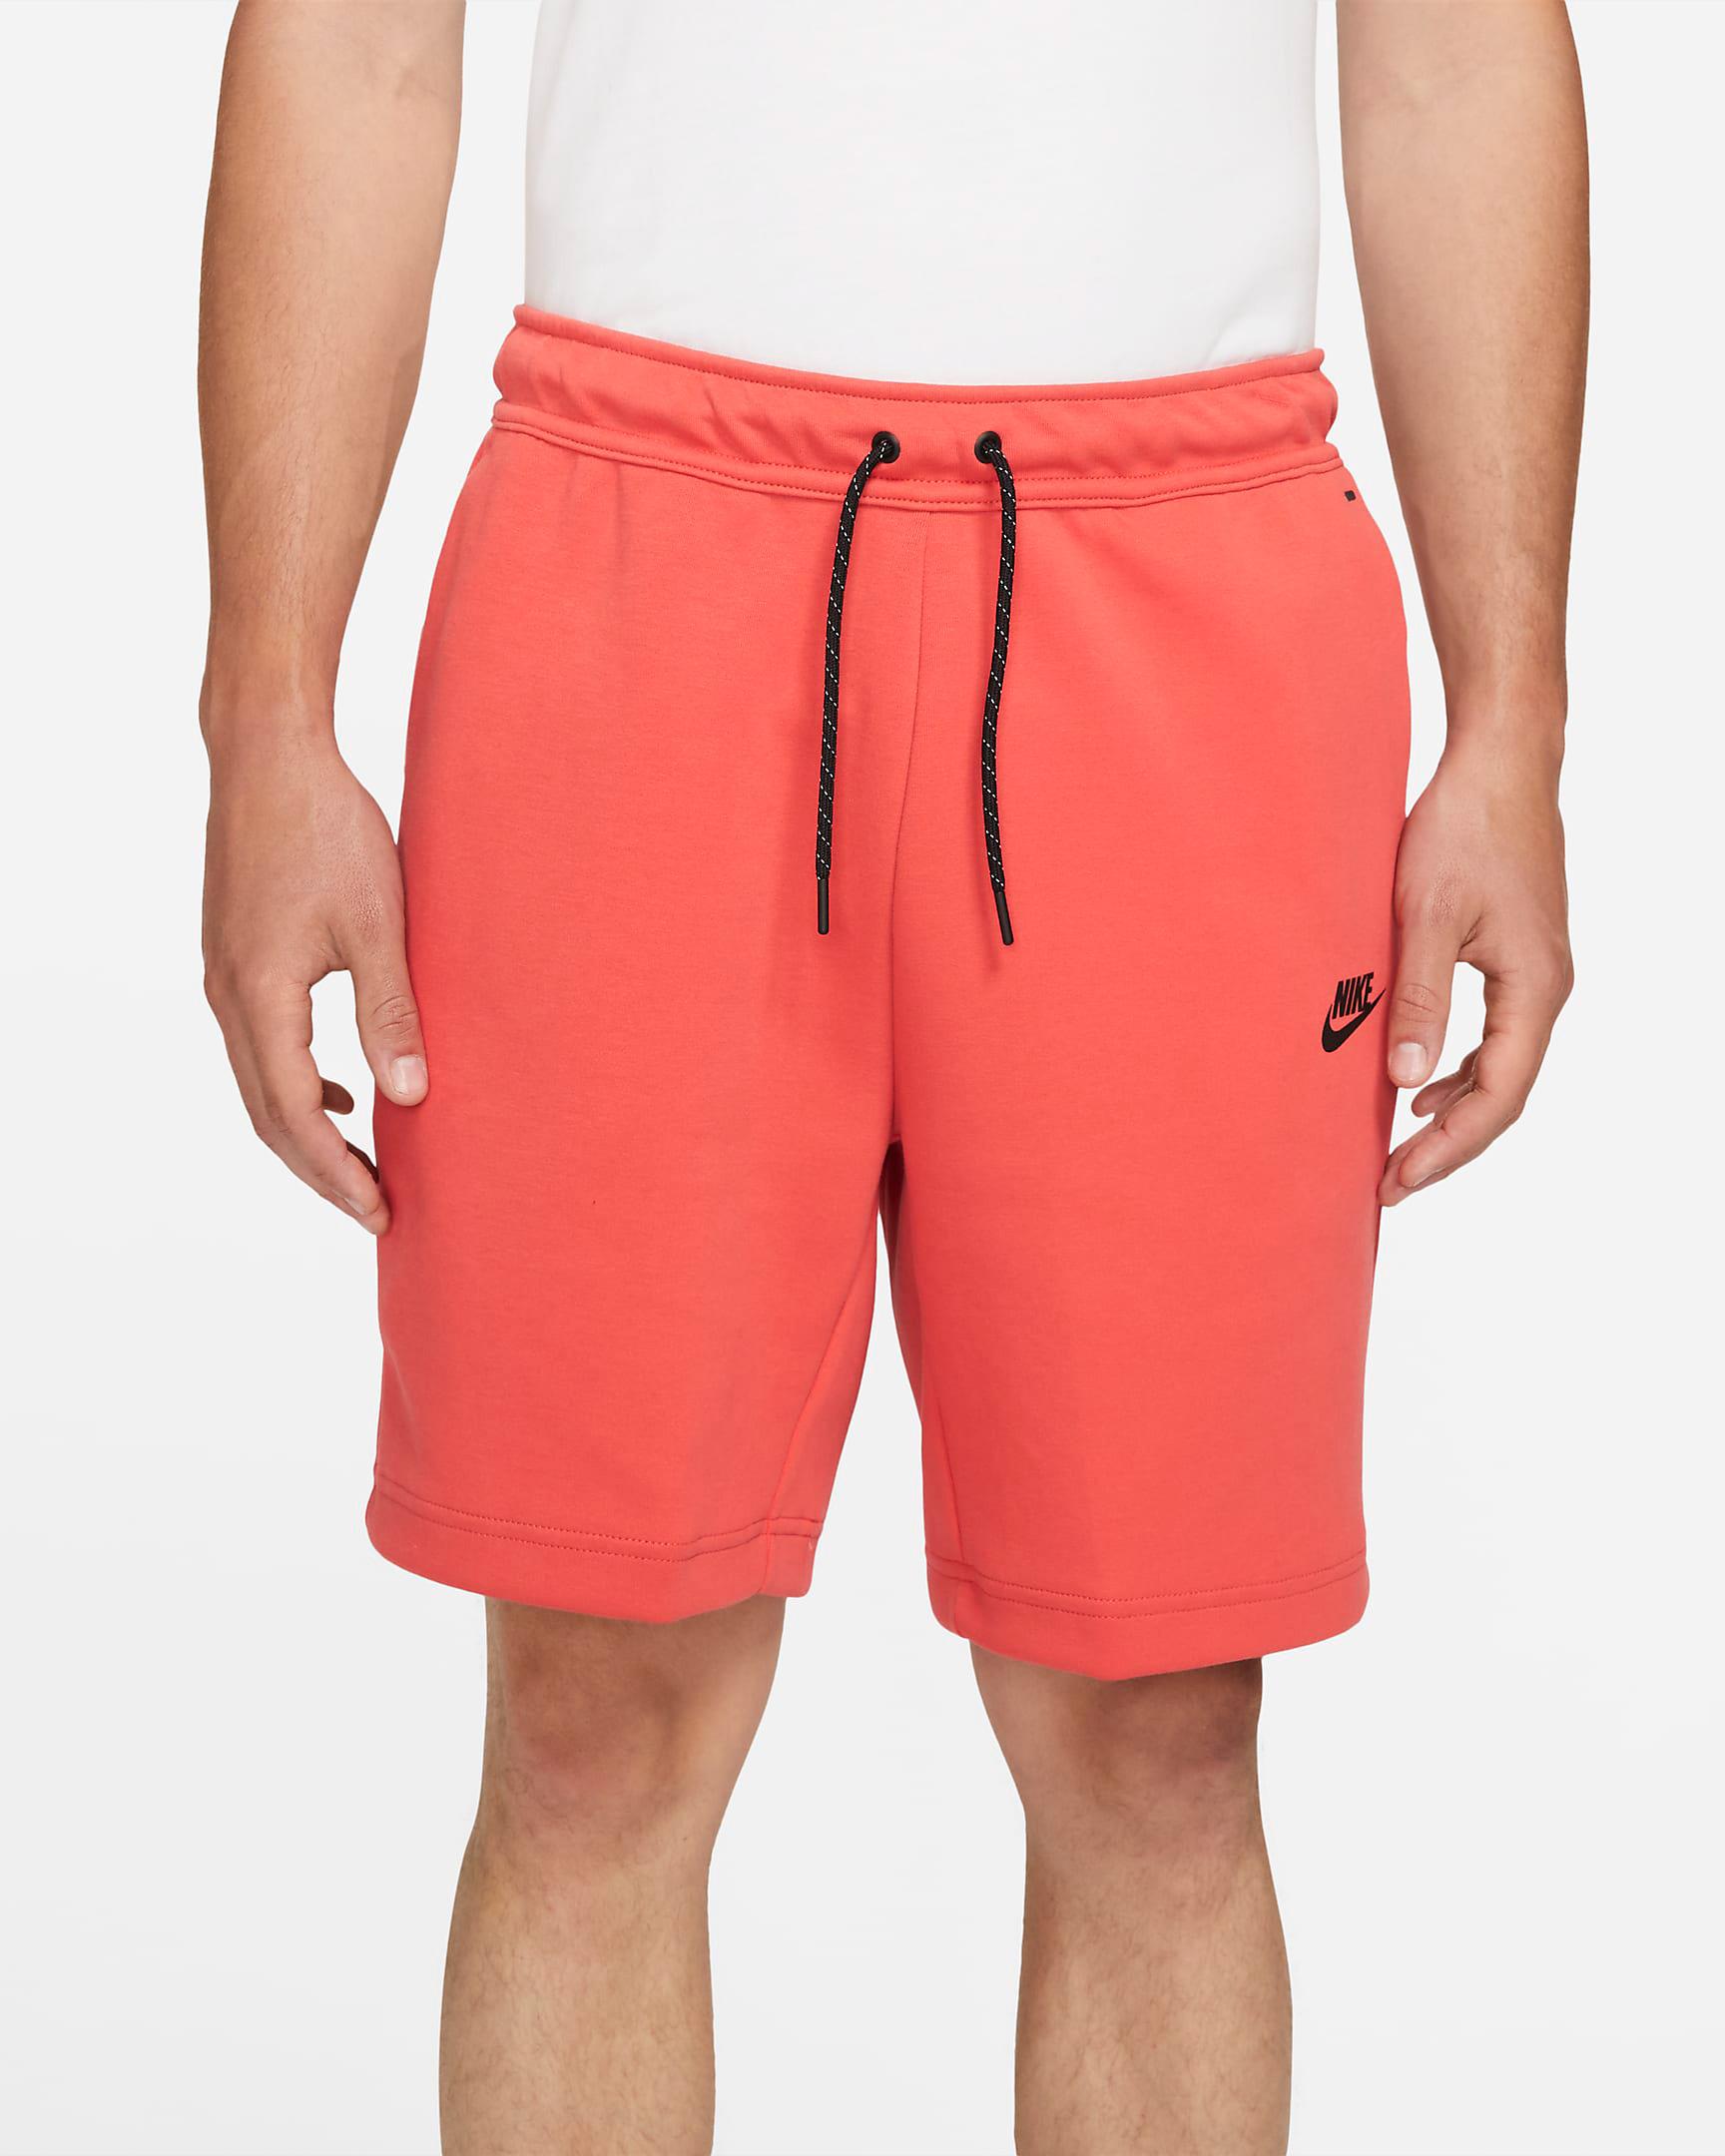 nike-lobster-tech-fleece-shorts